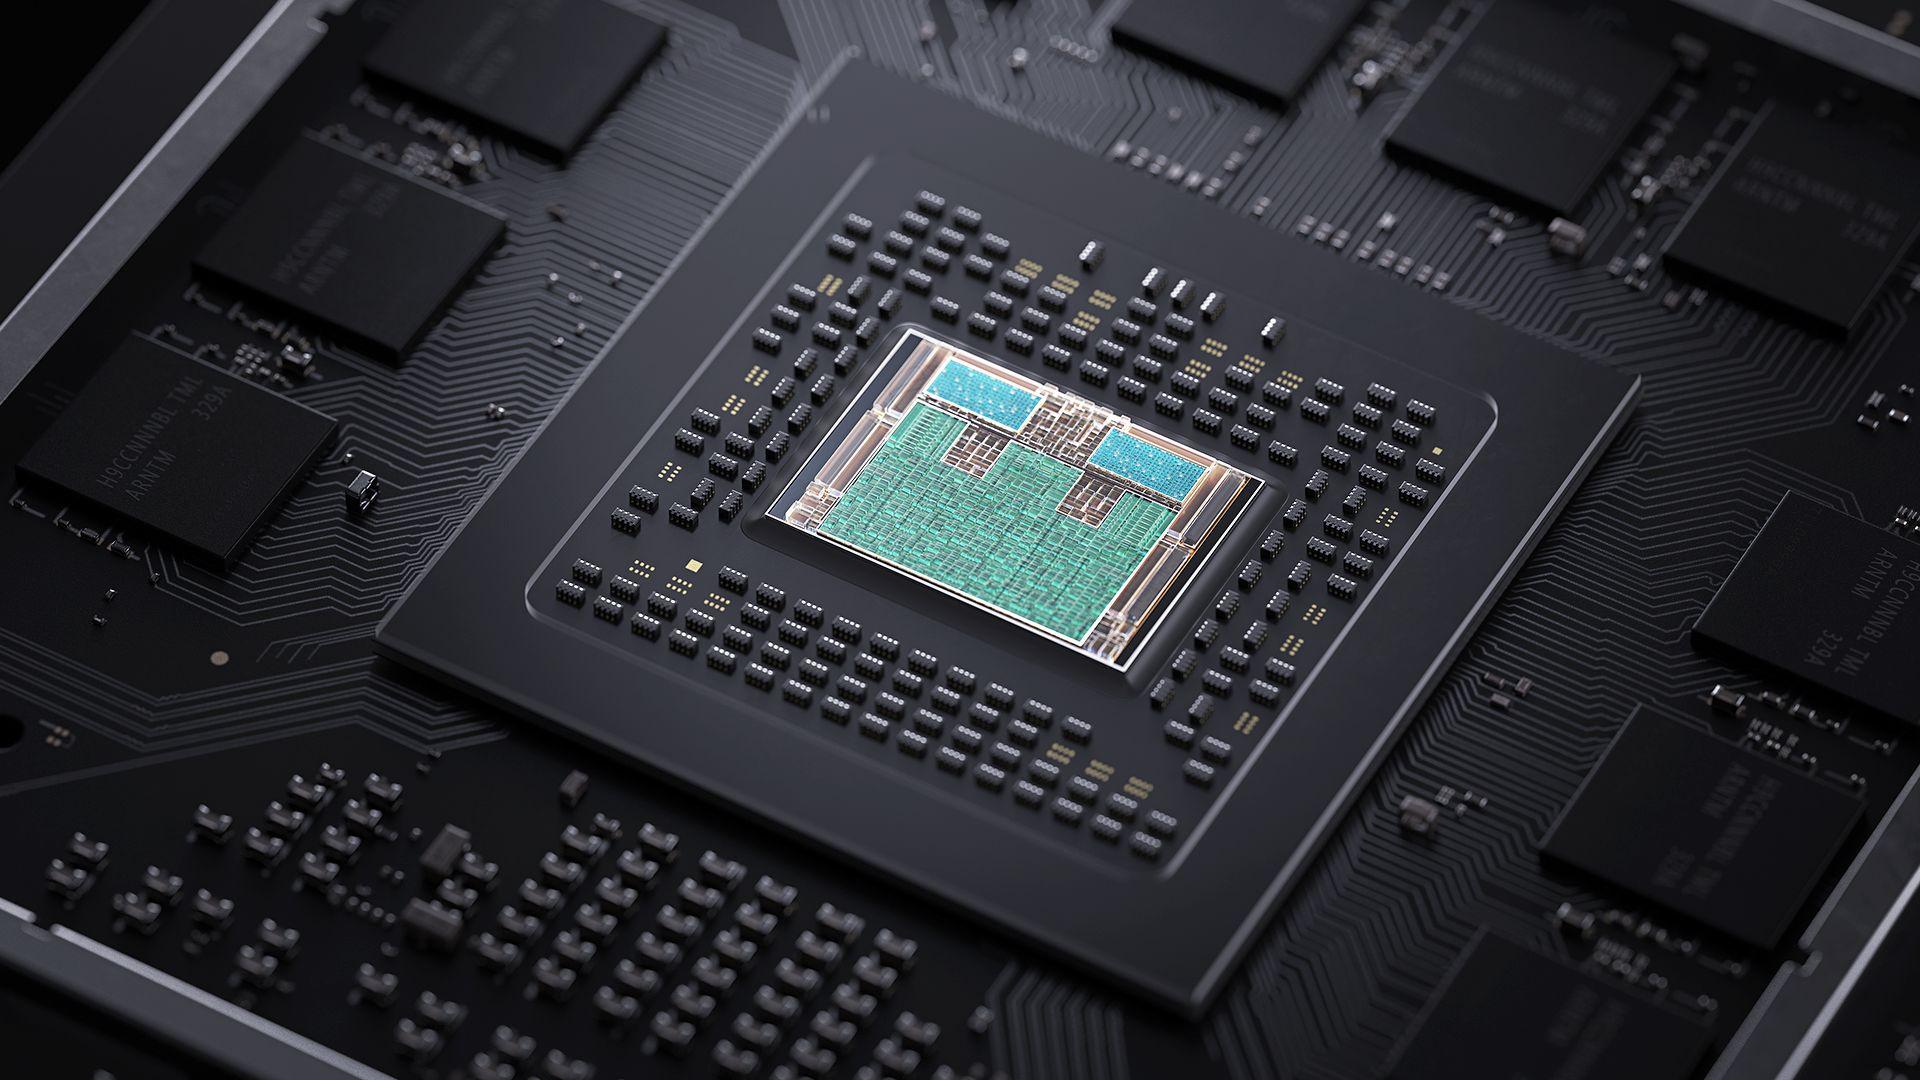 Xbox Series S využívá ke zvýšení výpočetní síly speciálně upravený 8jádrový procesor AMD Zen 2 s taktem až 3,6 GHz!